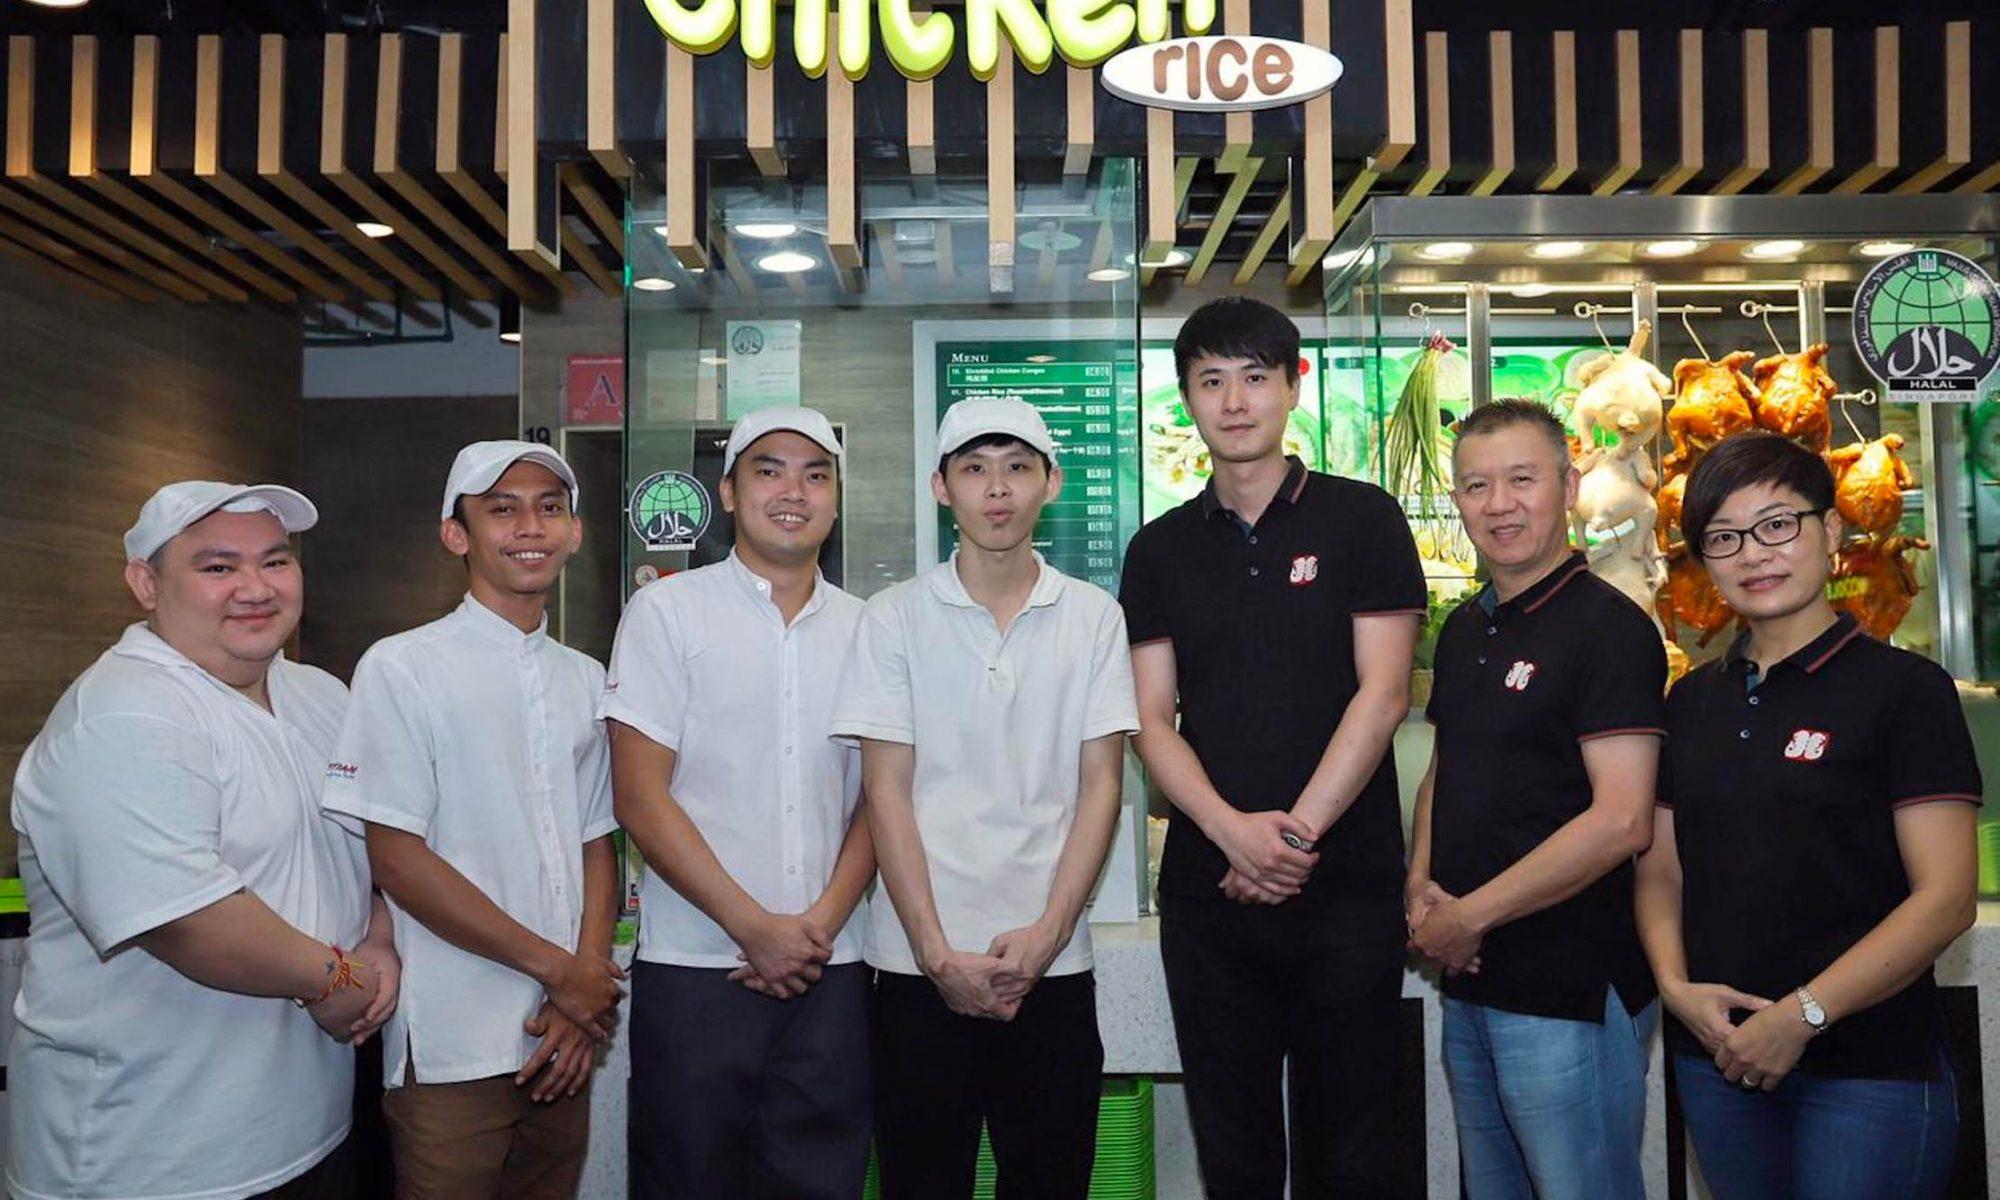 Chicken Rice @ Compass One